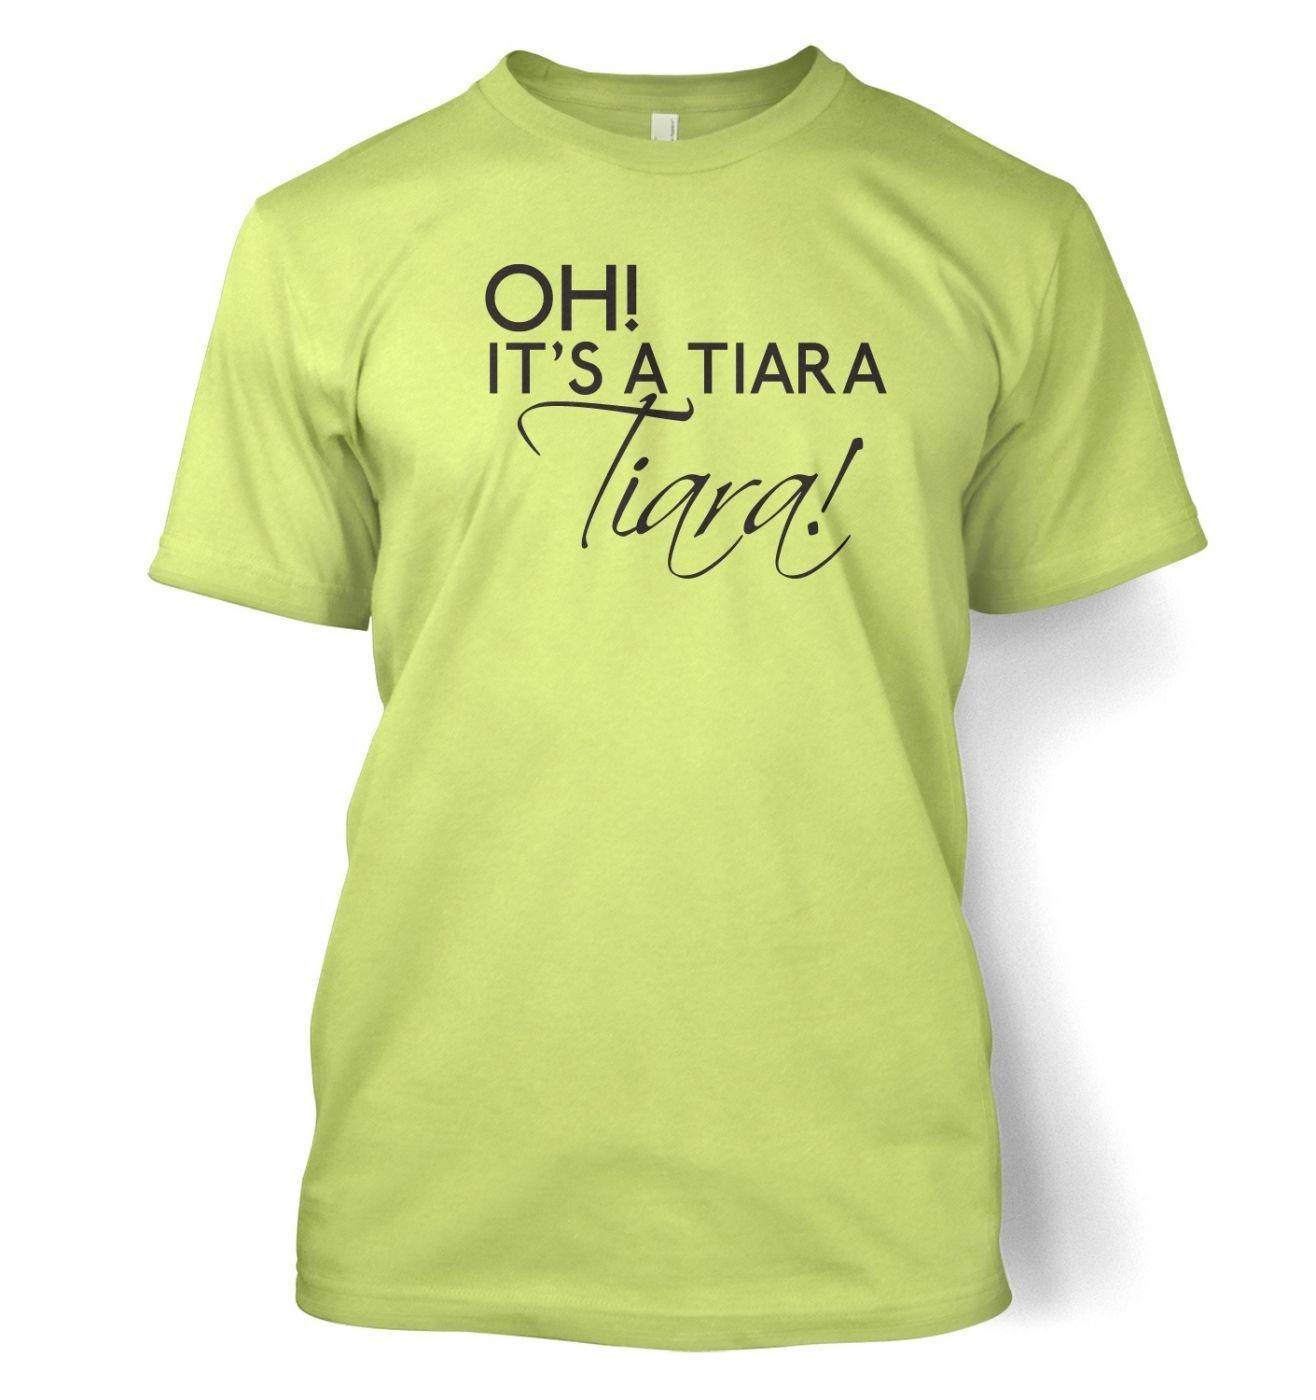 Oh! It's a tiara! TIARA! - T-Shirt